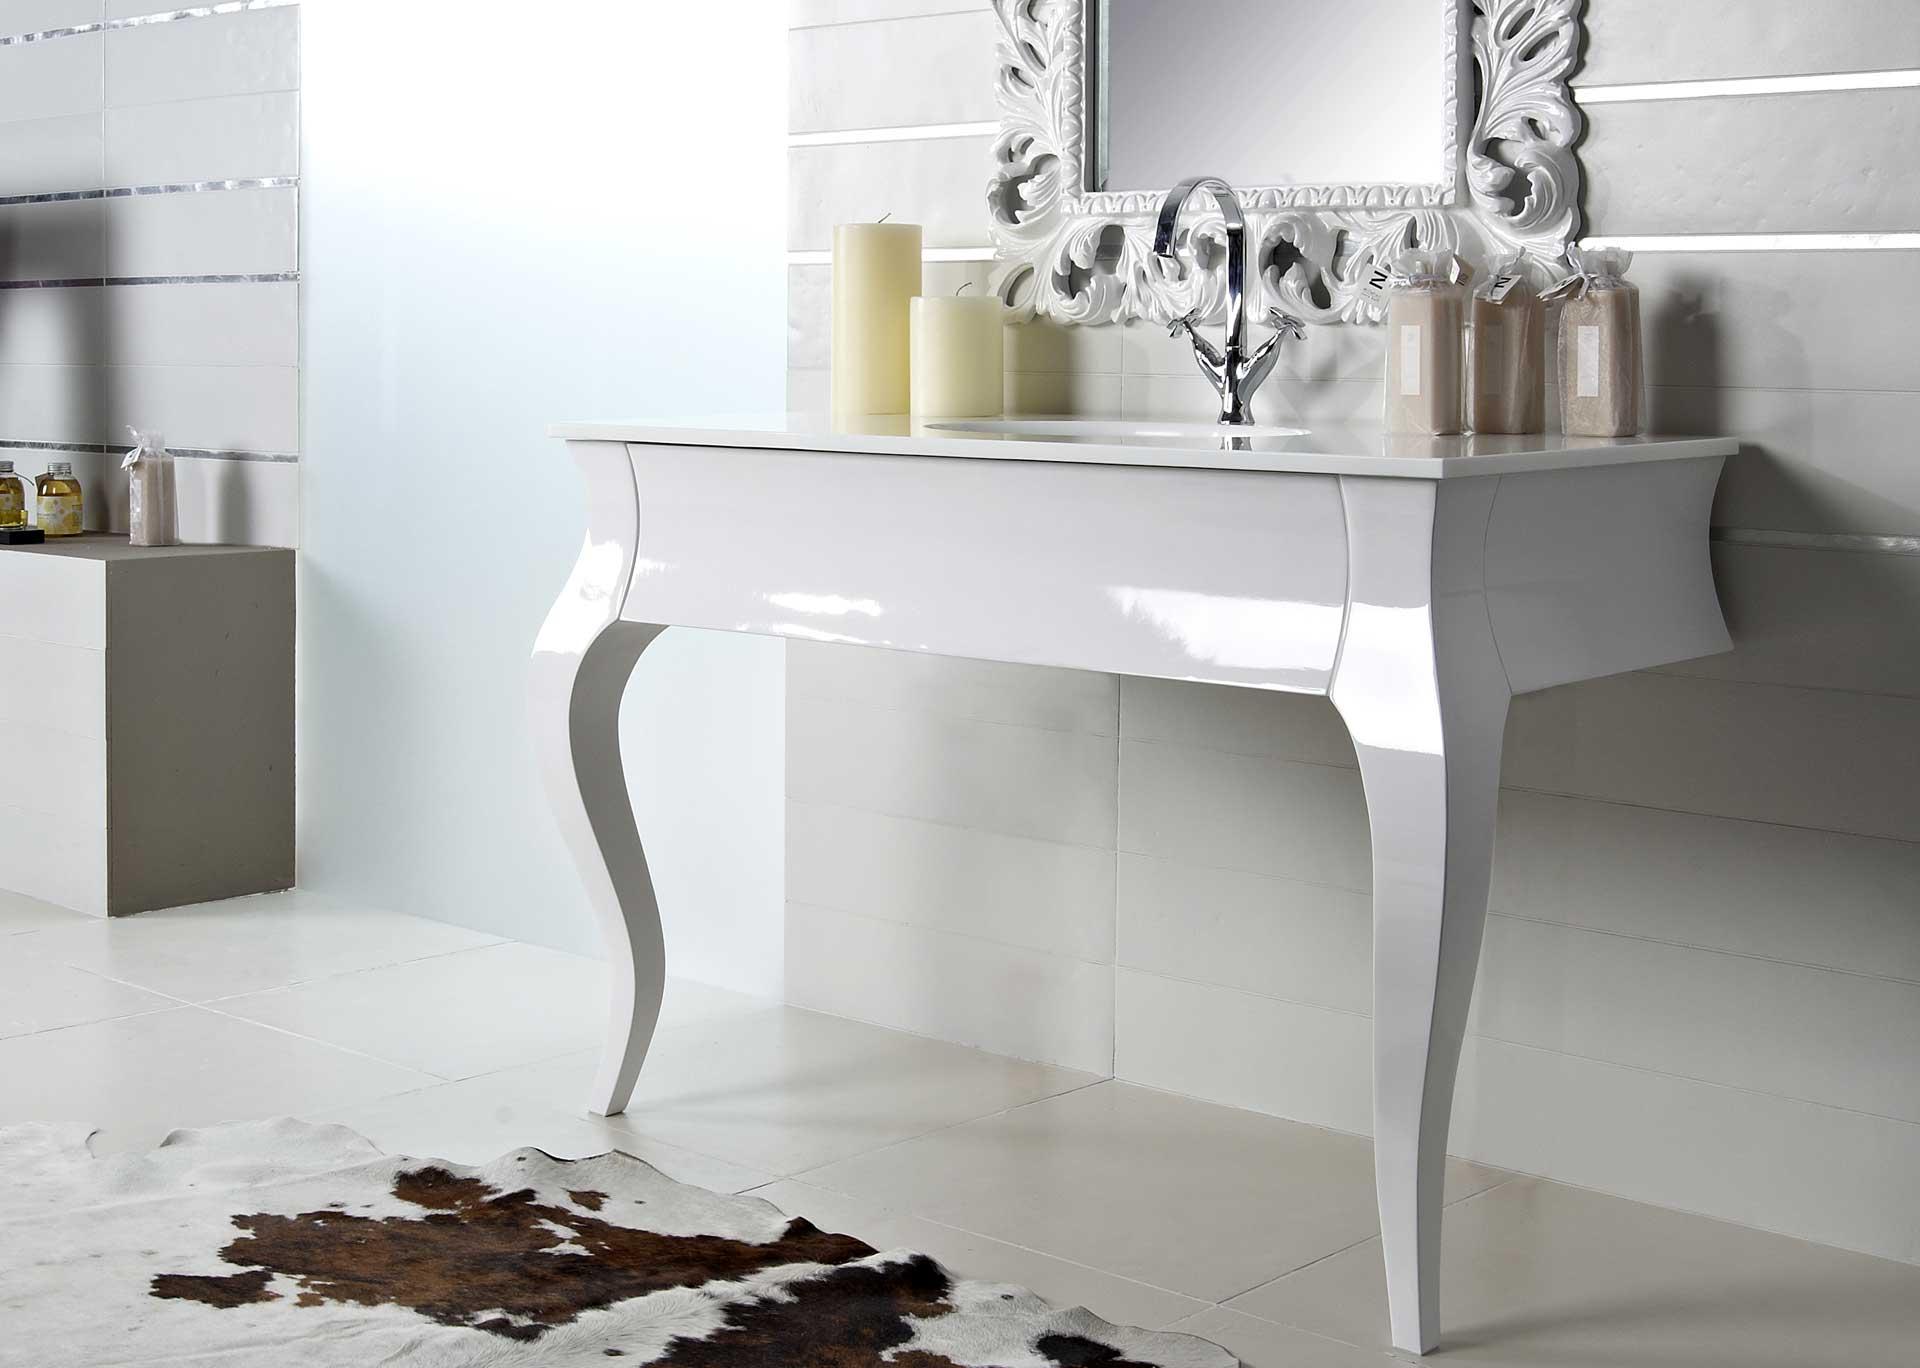 Mobile bagno bianco lucido ante e cassetti ~ avienix.com for .